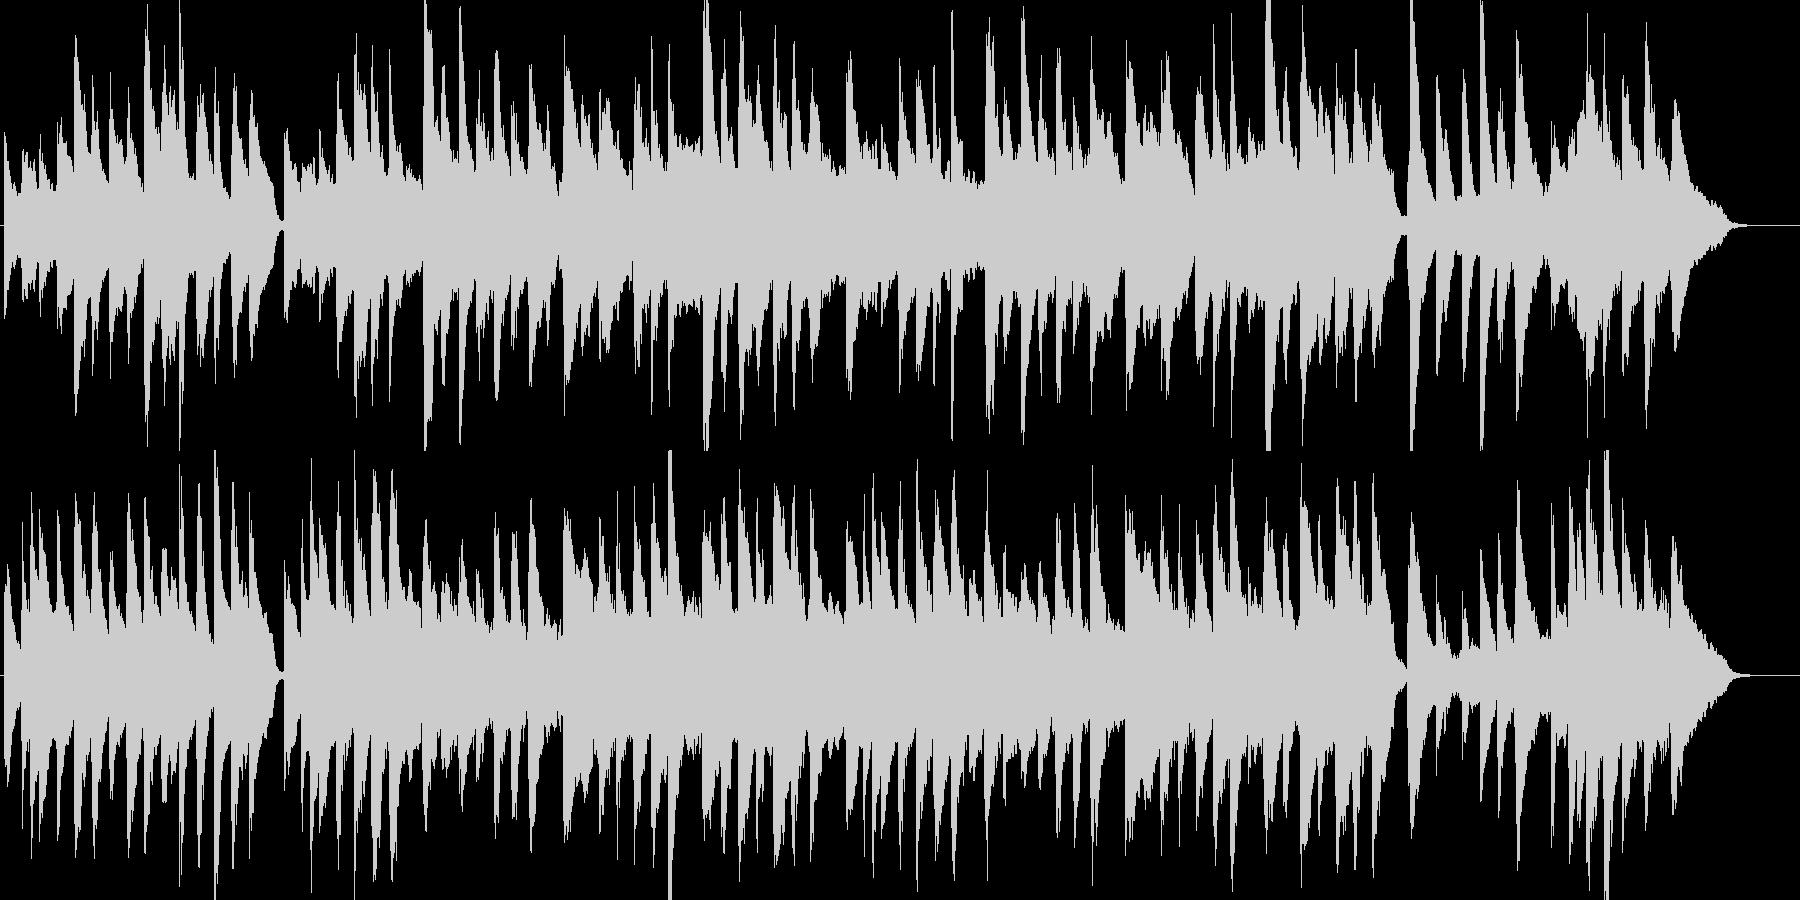 シャボン玉・童謡・ピアノ・ストリングスの未再生の波形